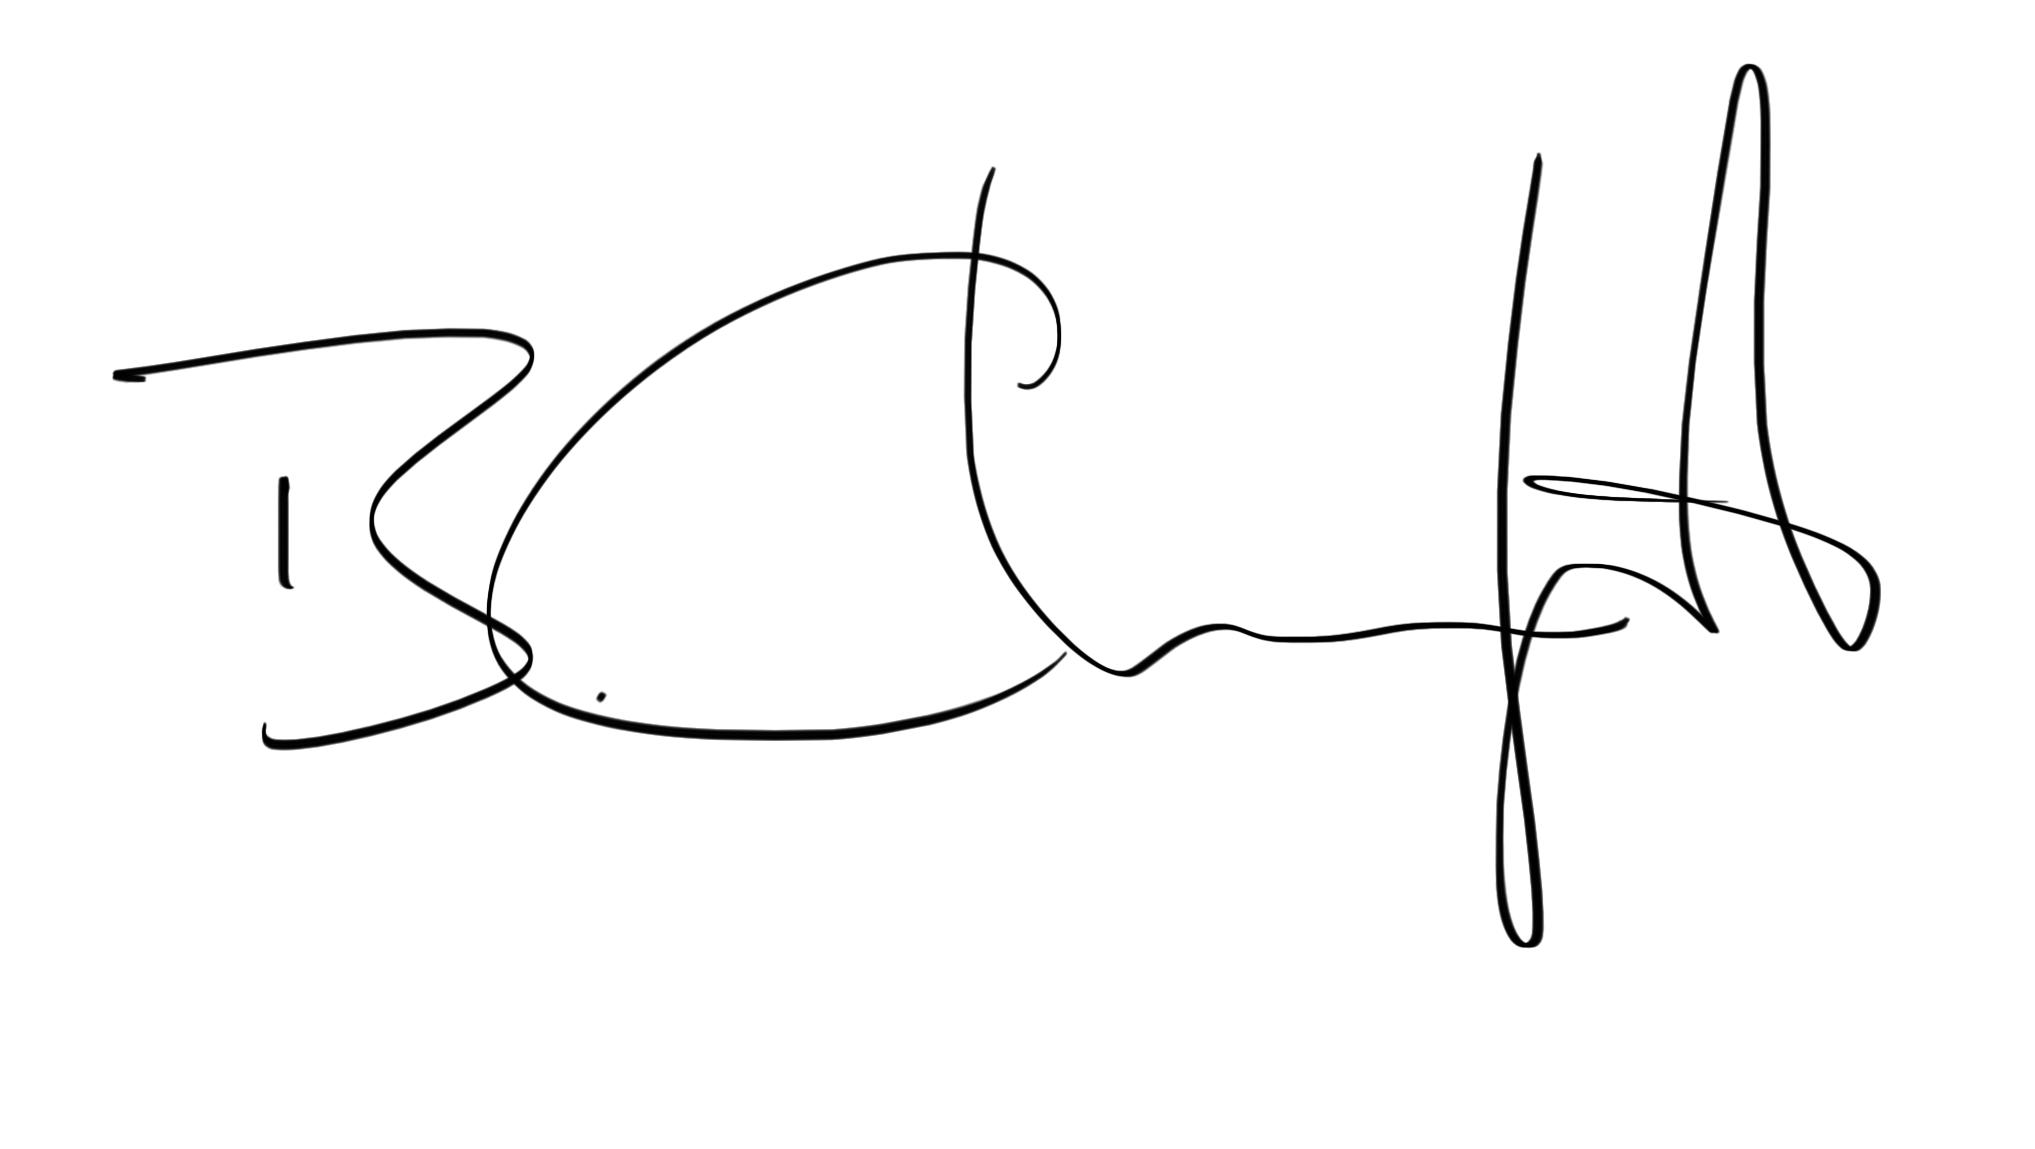 Bohdan Chreptak's Signature